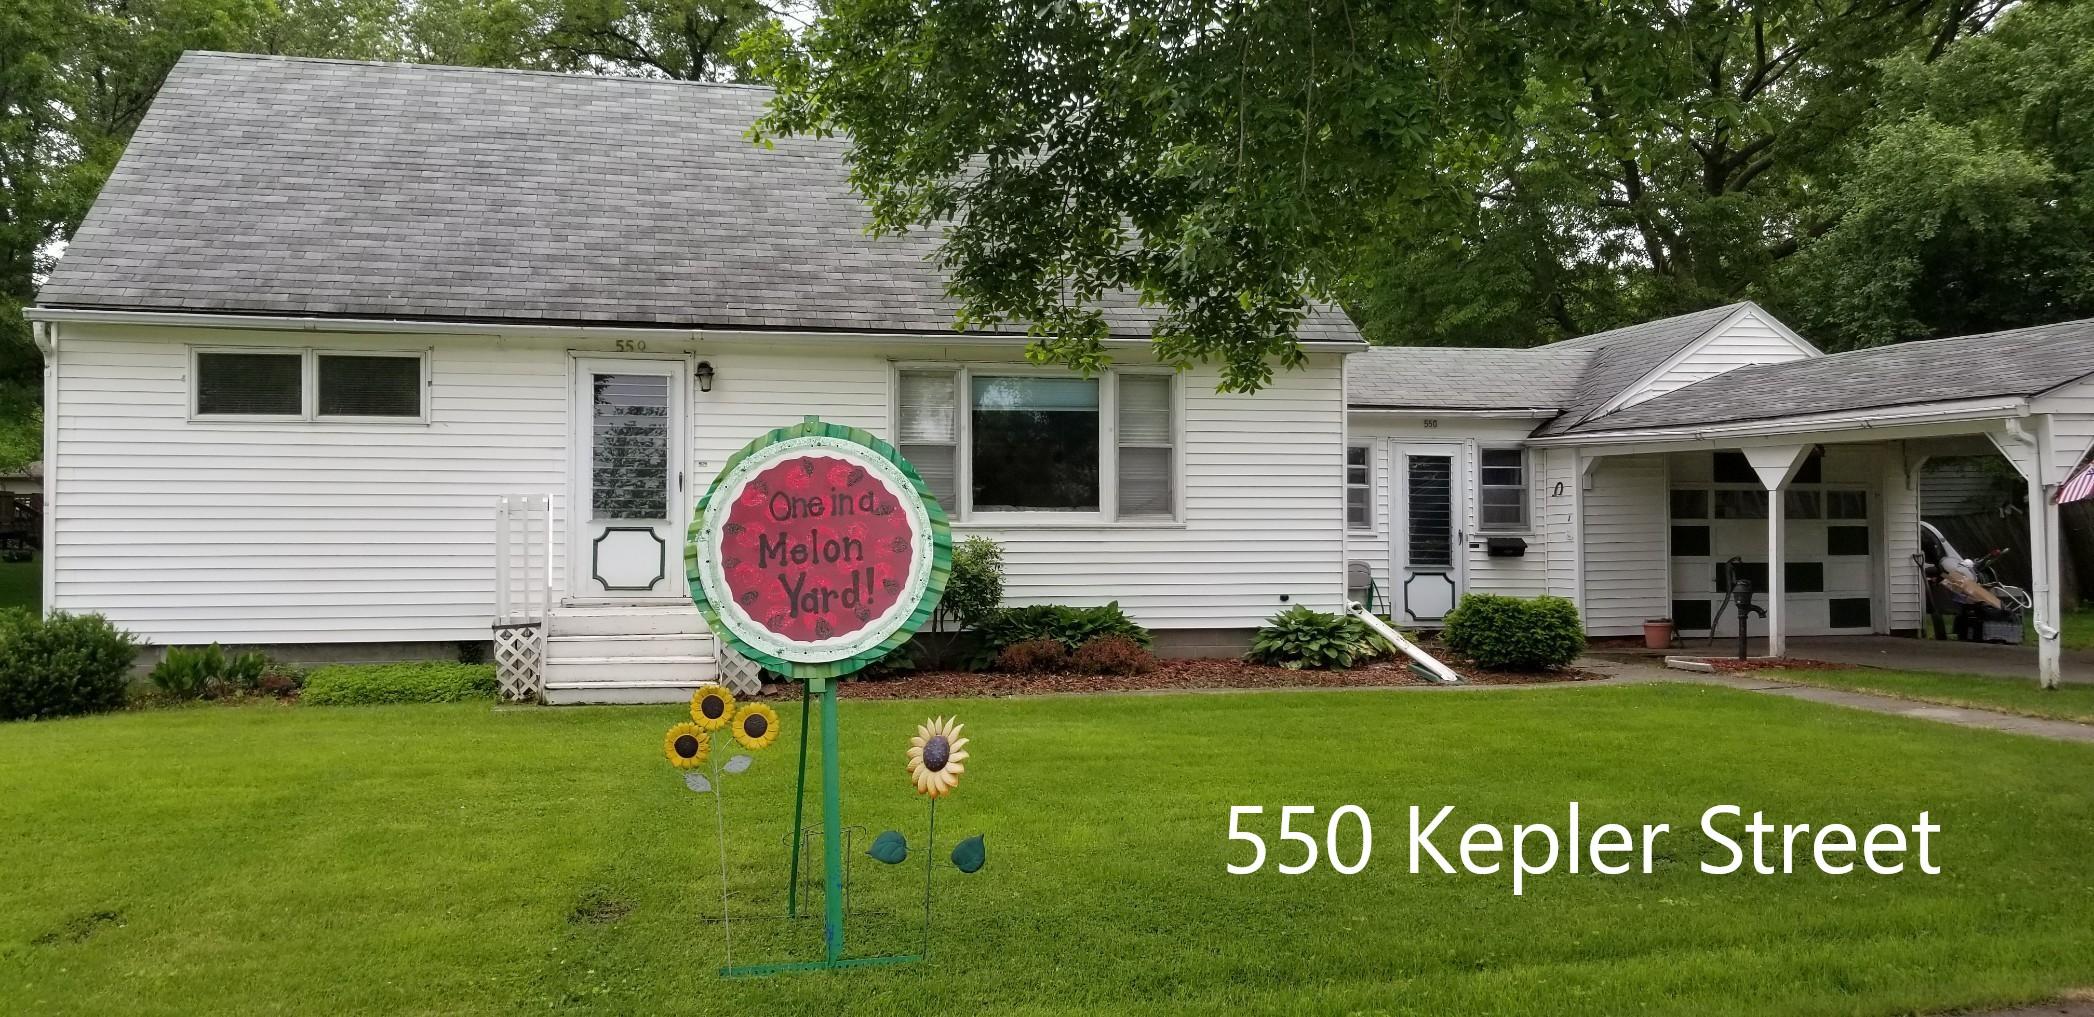 550 Kepler